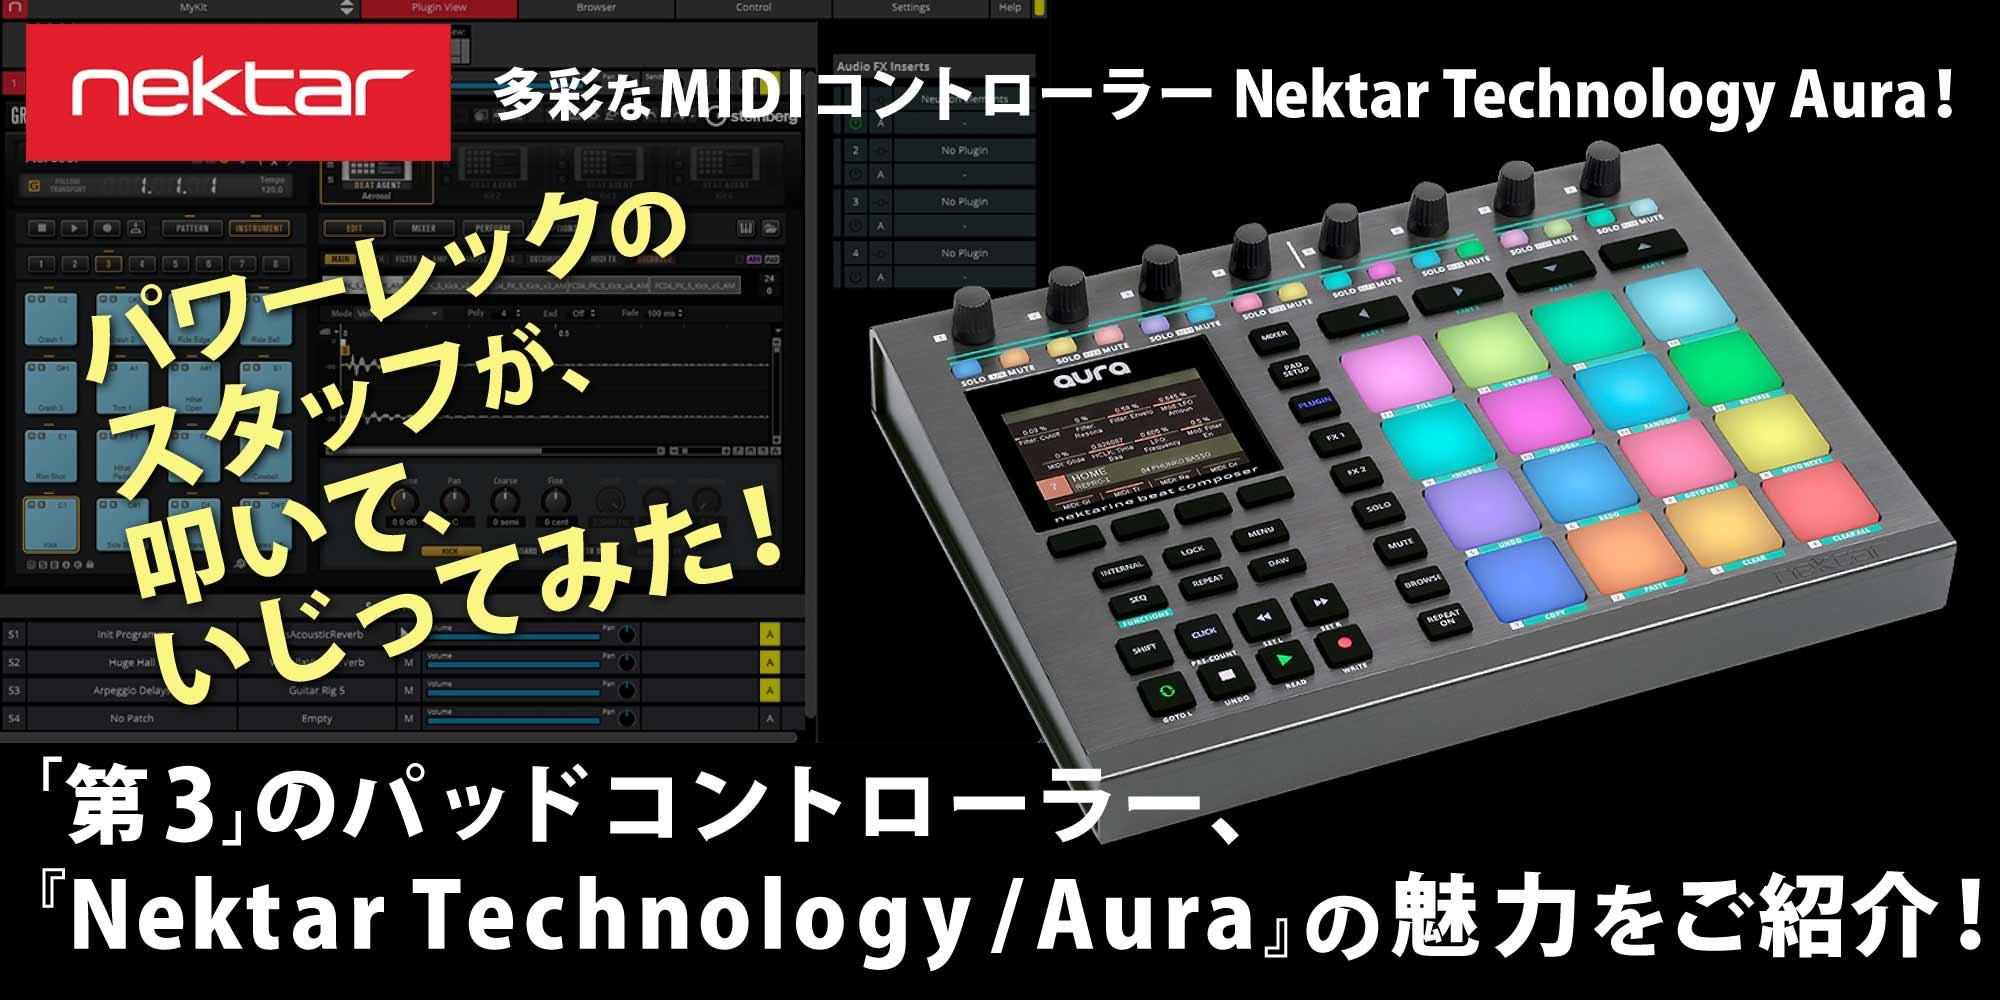 多彩なMIDIコントローラーNektar Technology Aura!